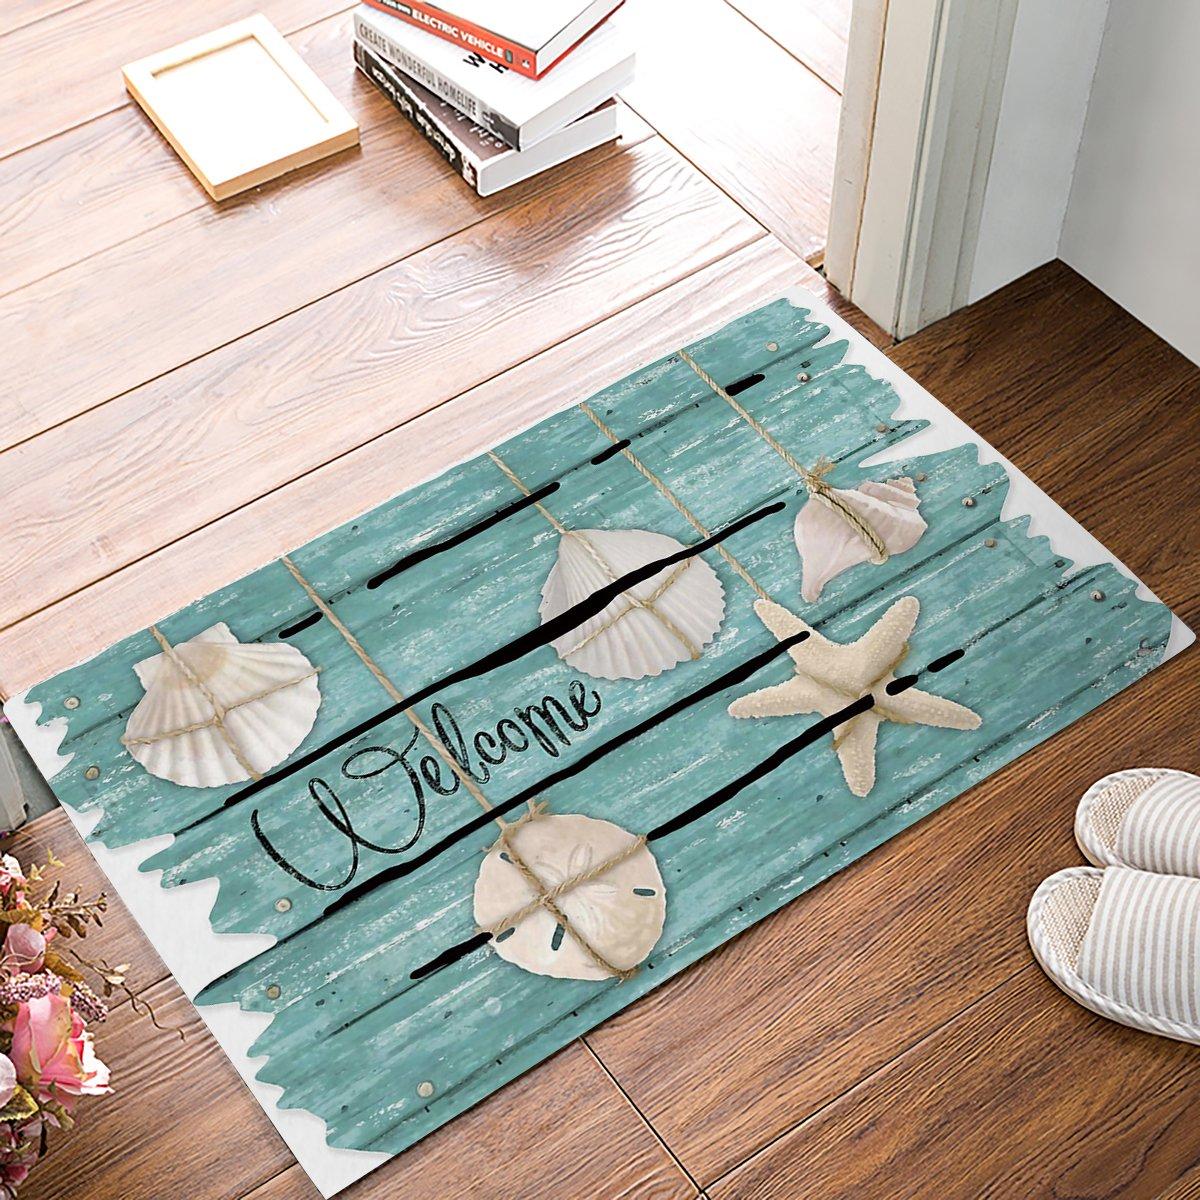 Welcome Doormat, Starfish Shell Teal Rustic Wood Indoor/Outdoor Non-slip Rubber Welcome Mats Floor Rug for Bathroom/Front Entryway